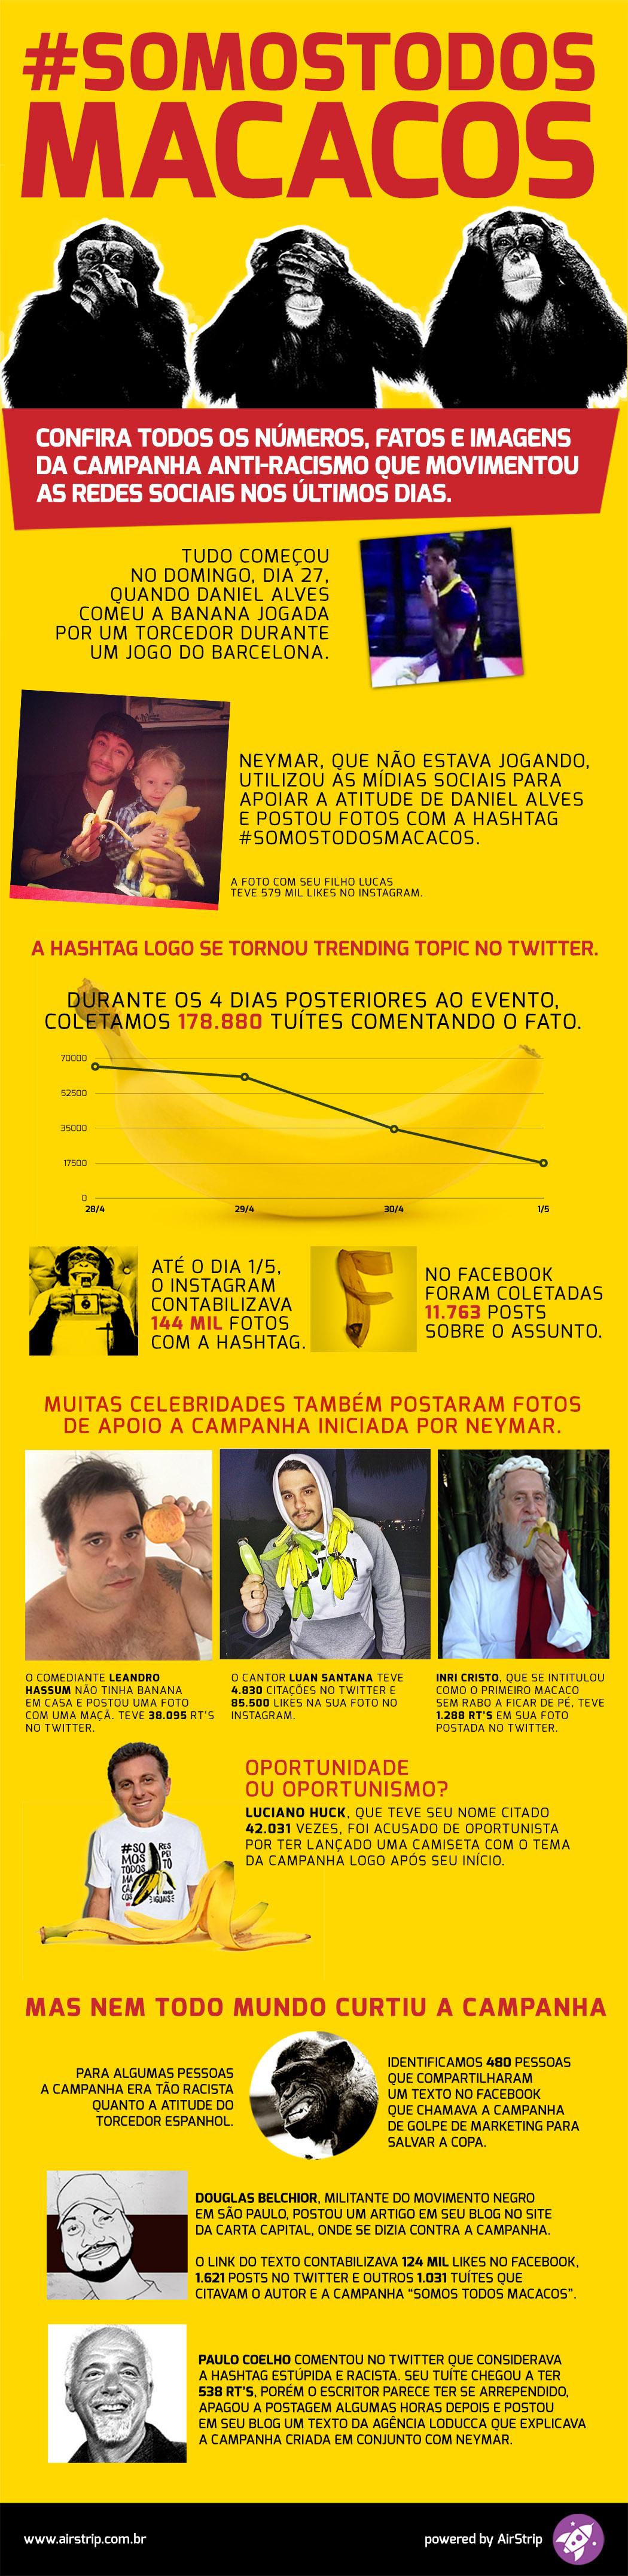 """Infográfico: hashtag """"Somostodosmacacos"""" gerou 178 mil tweets em 4 dias"""